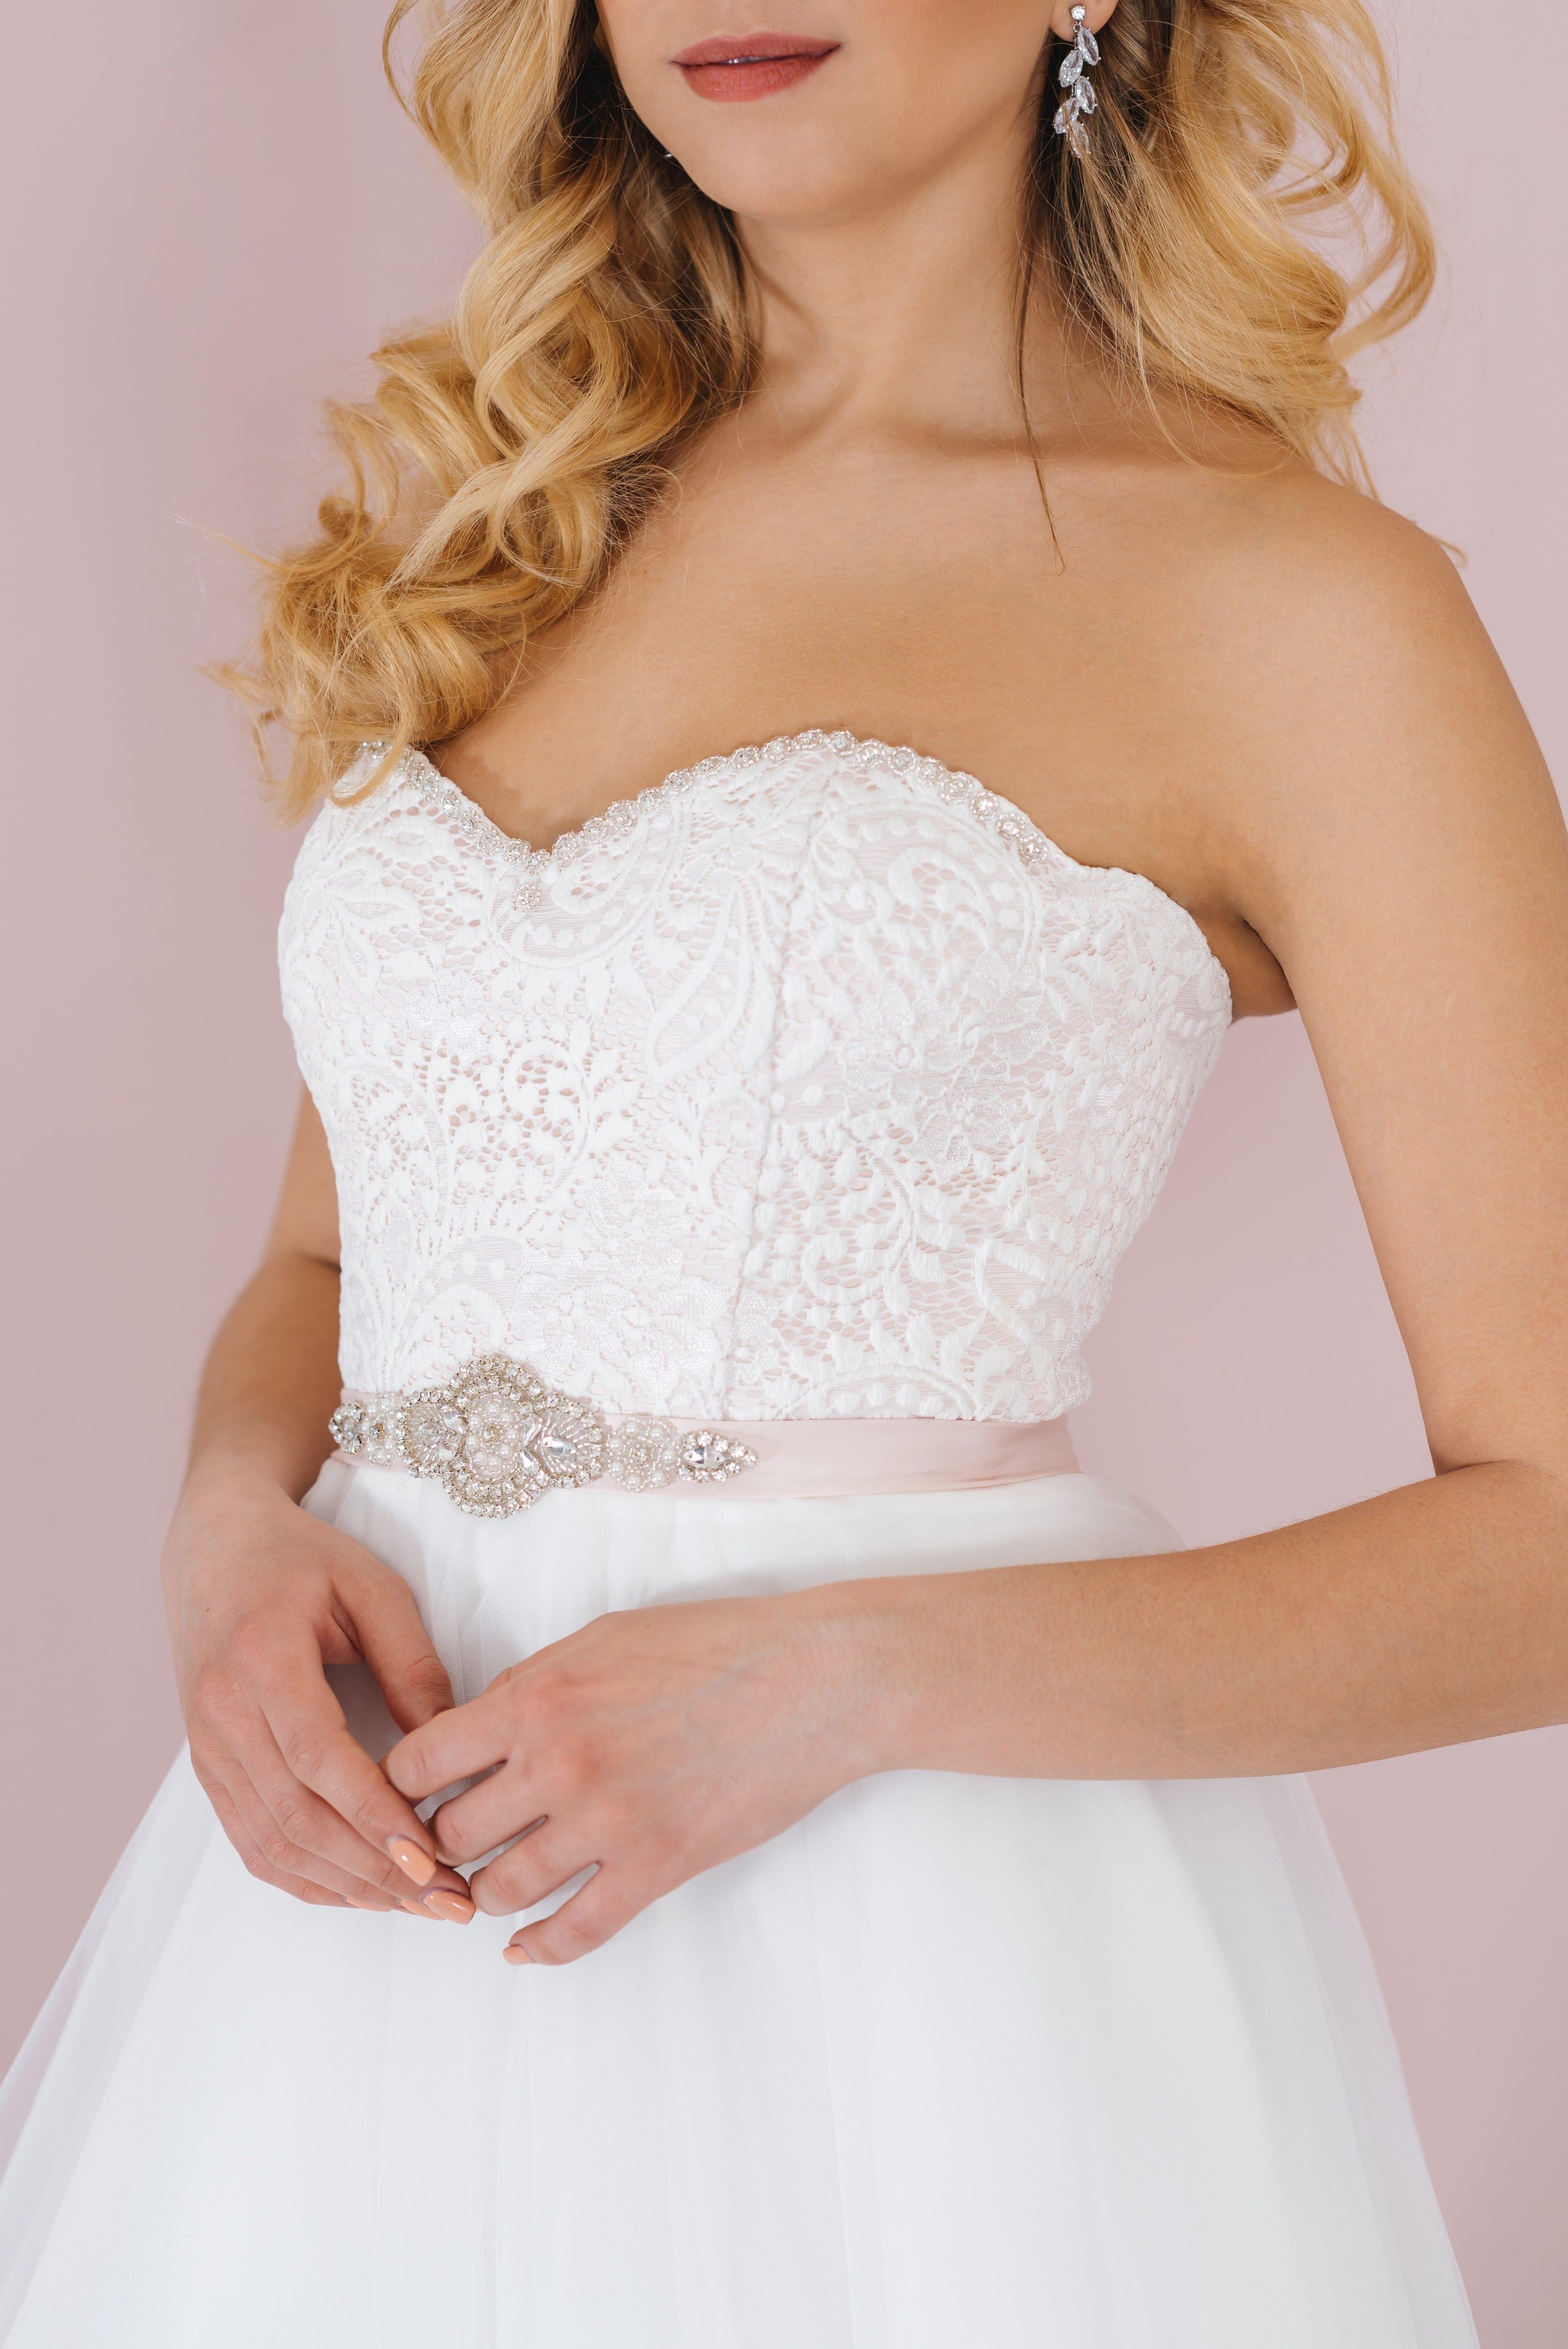 Свадебное платье NORA, коллекция LOFT, бренд RARE BRIDAL, фото 3